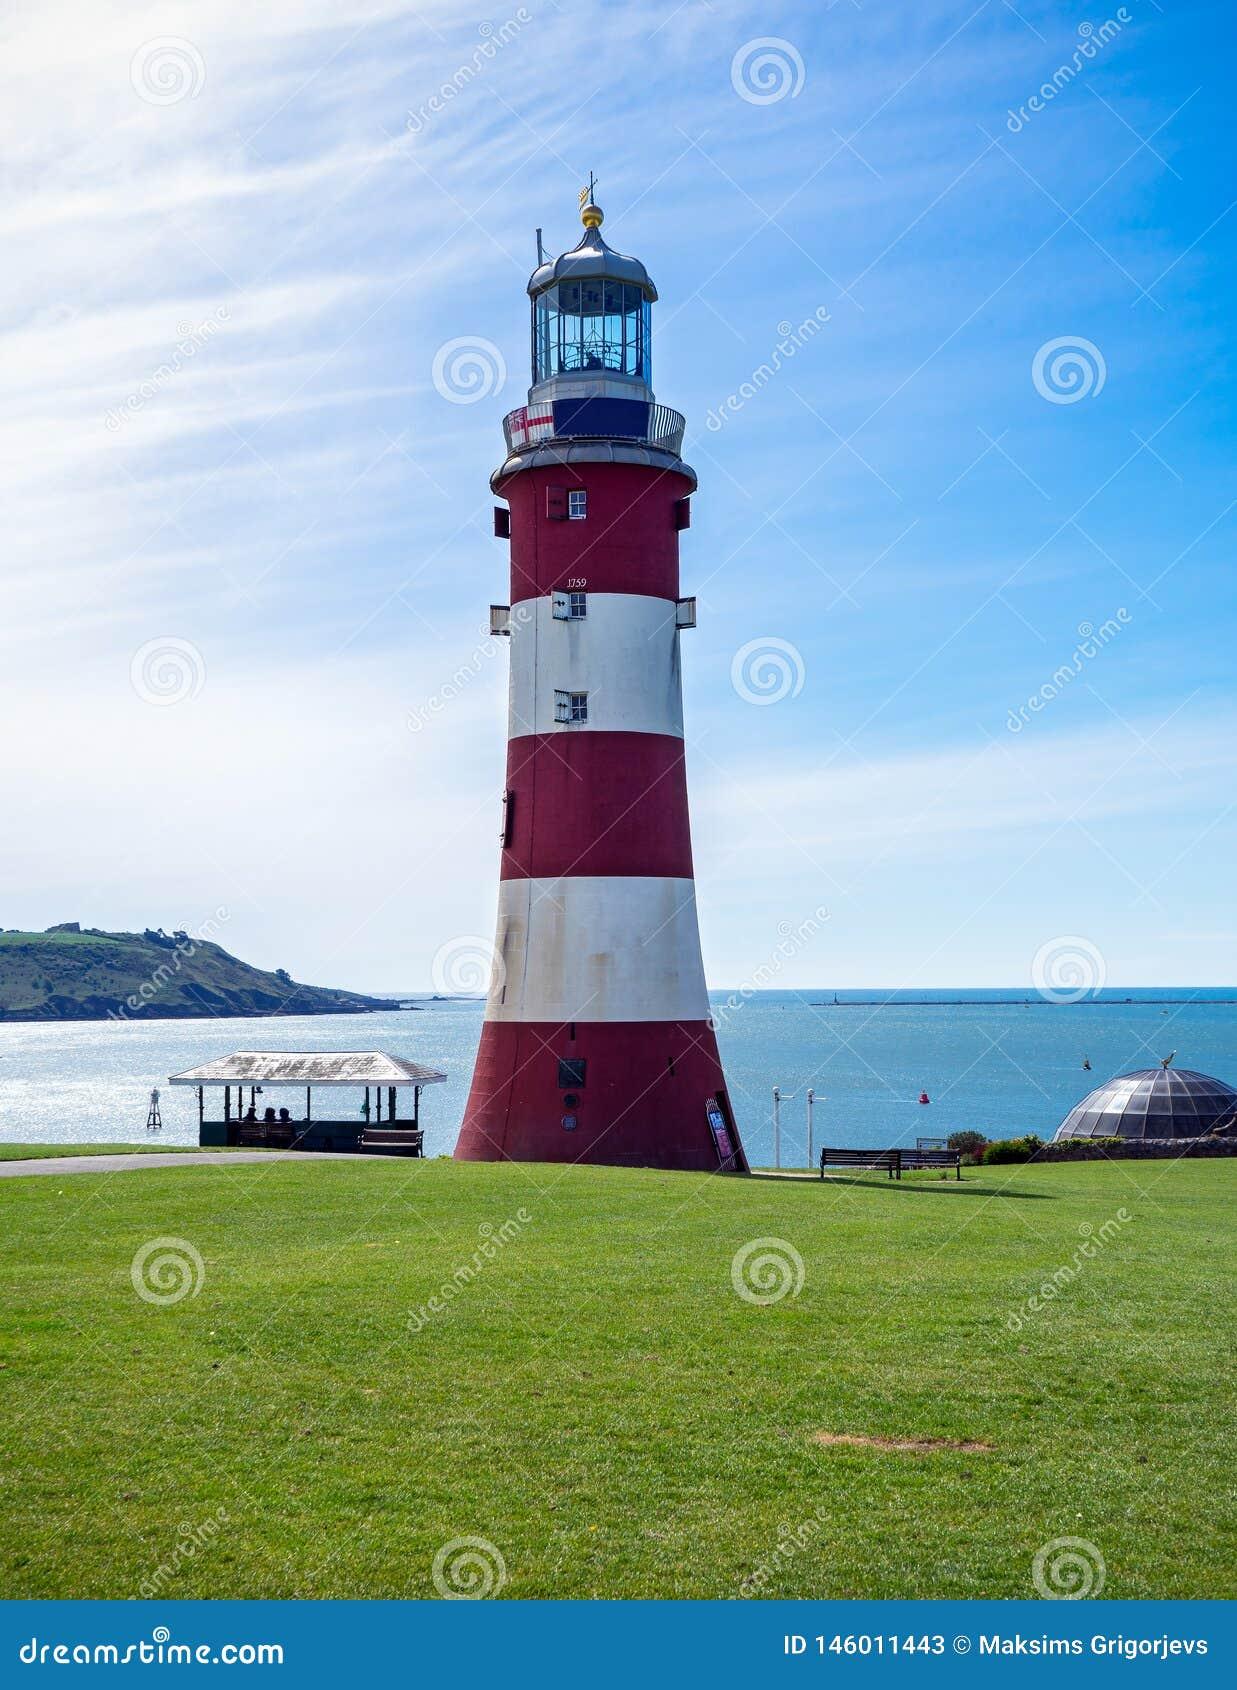 De Toren van Smeaton, Rode en witte vuurtoren in Plymouth, Groot-Brittannië, 3 Mei, 2018